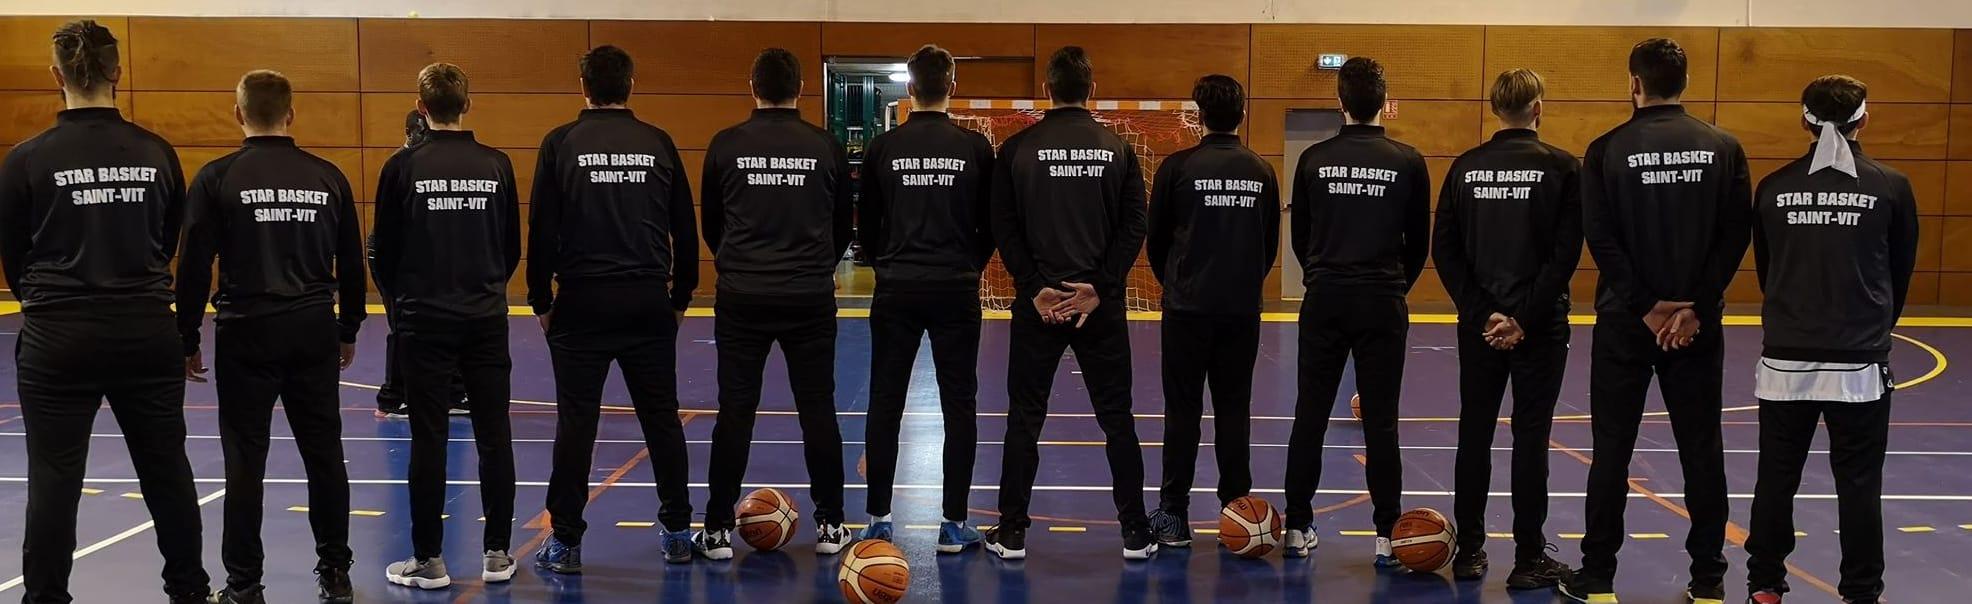 Star Basket Saint-Vit